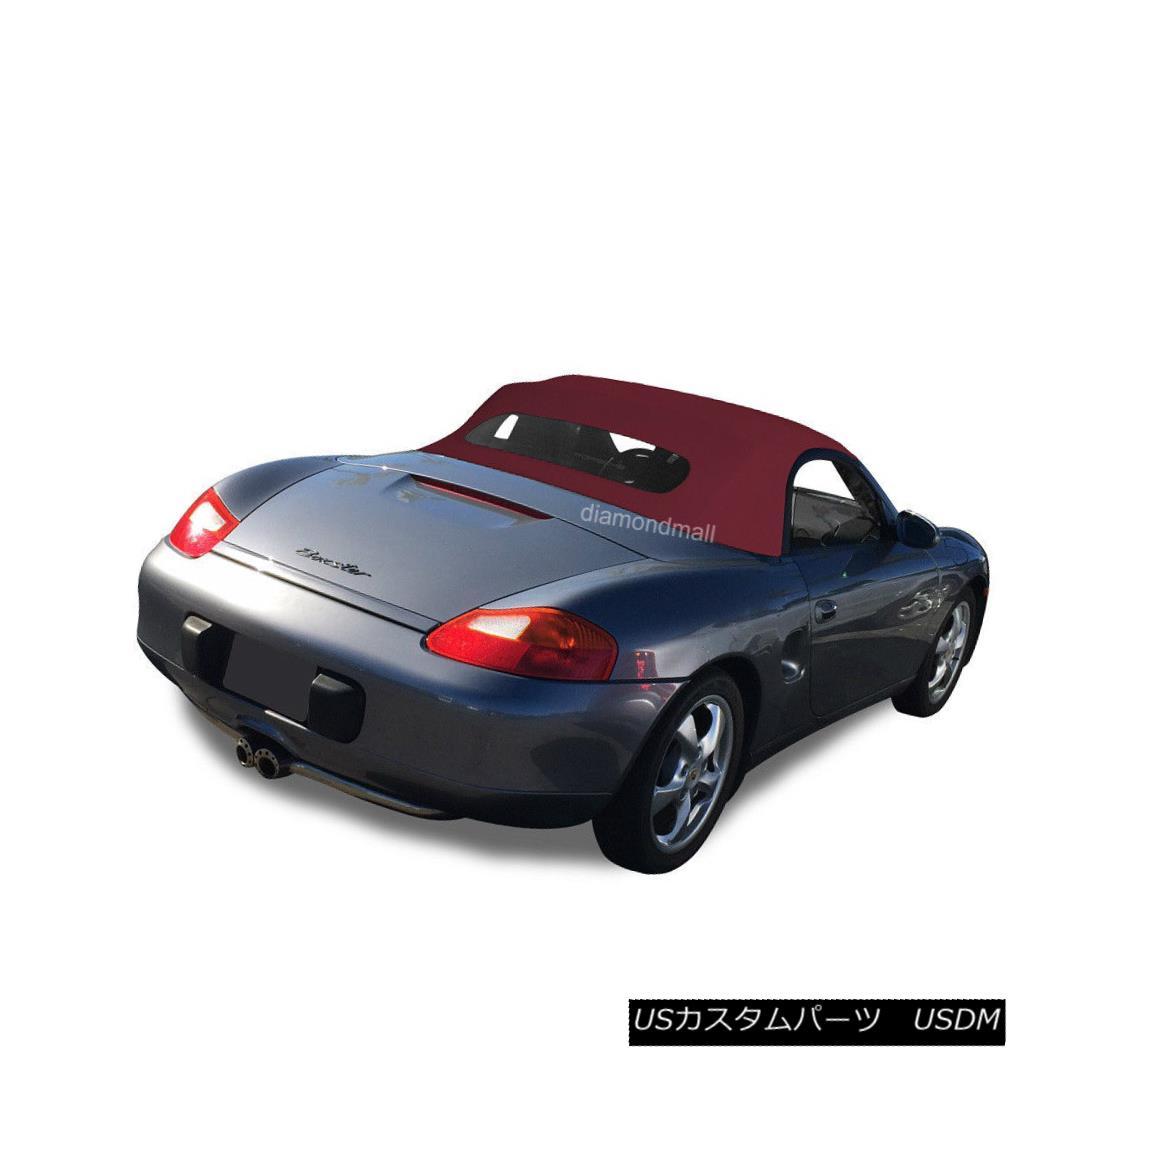 幌・ソフトトップ Porsche Boxster 1997-02 Convertible Soft Top & Heated Glass Window Bordeaux STF Porsche Boxster 1997-02コンバーチブルソフトトップ& 加熱ガラス窓ボルドーSTF